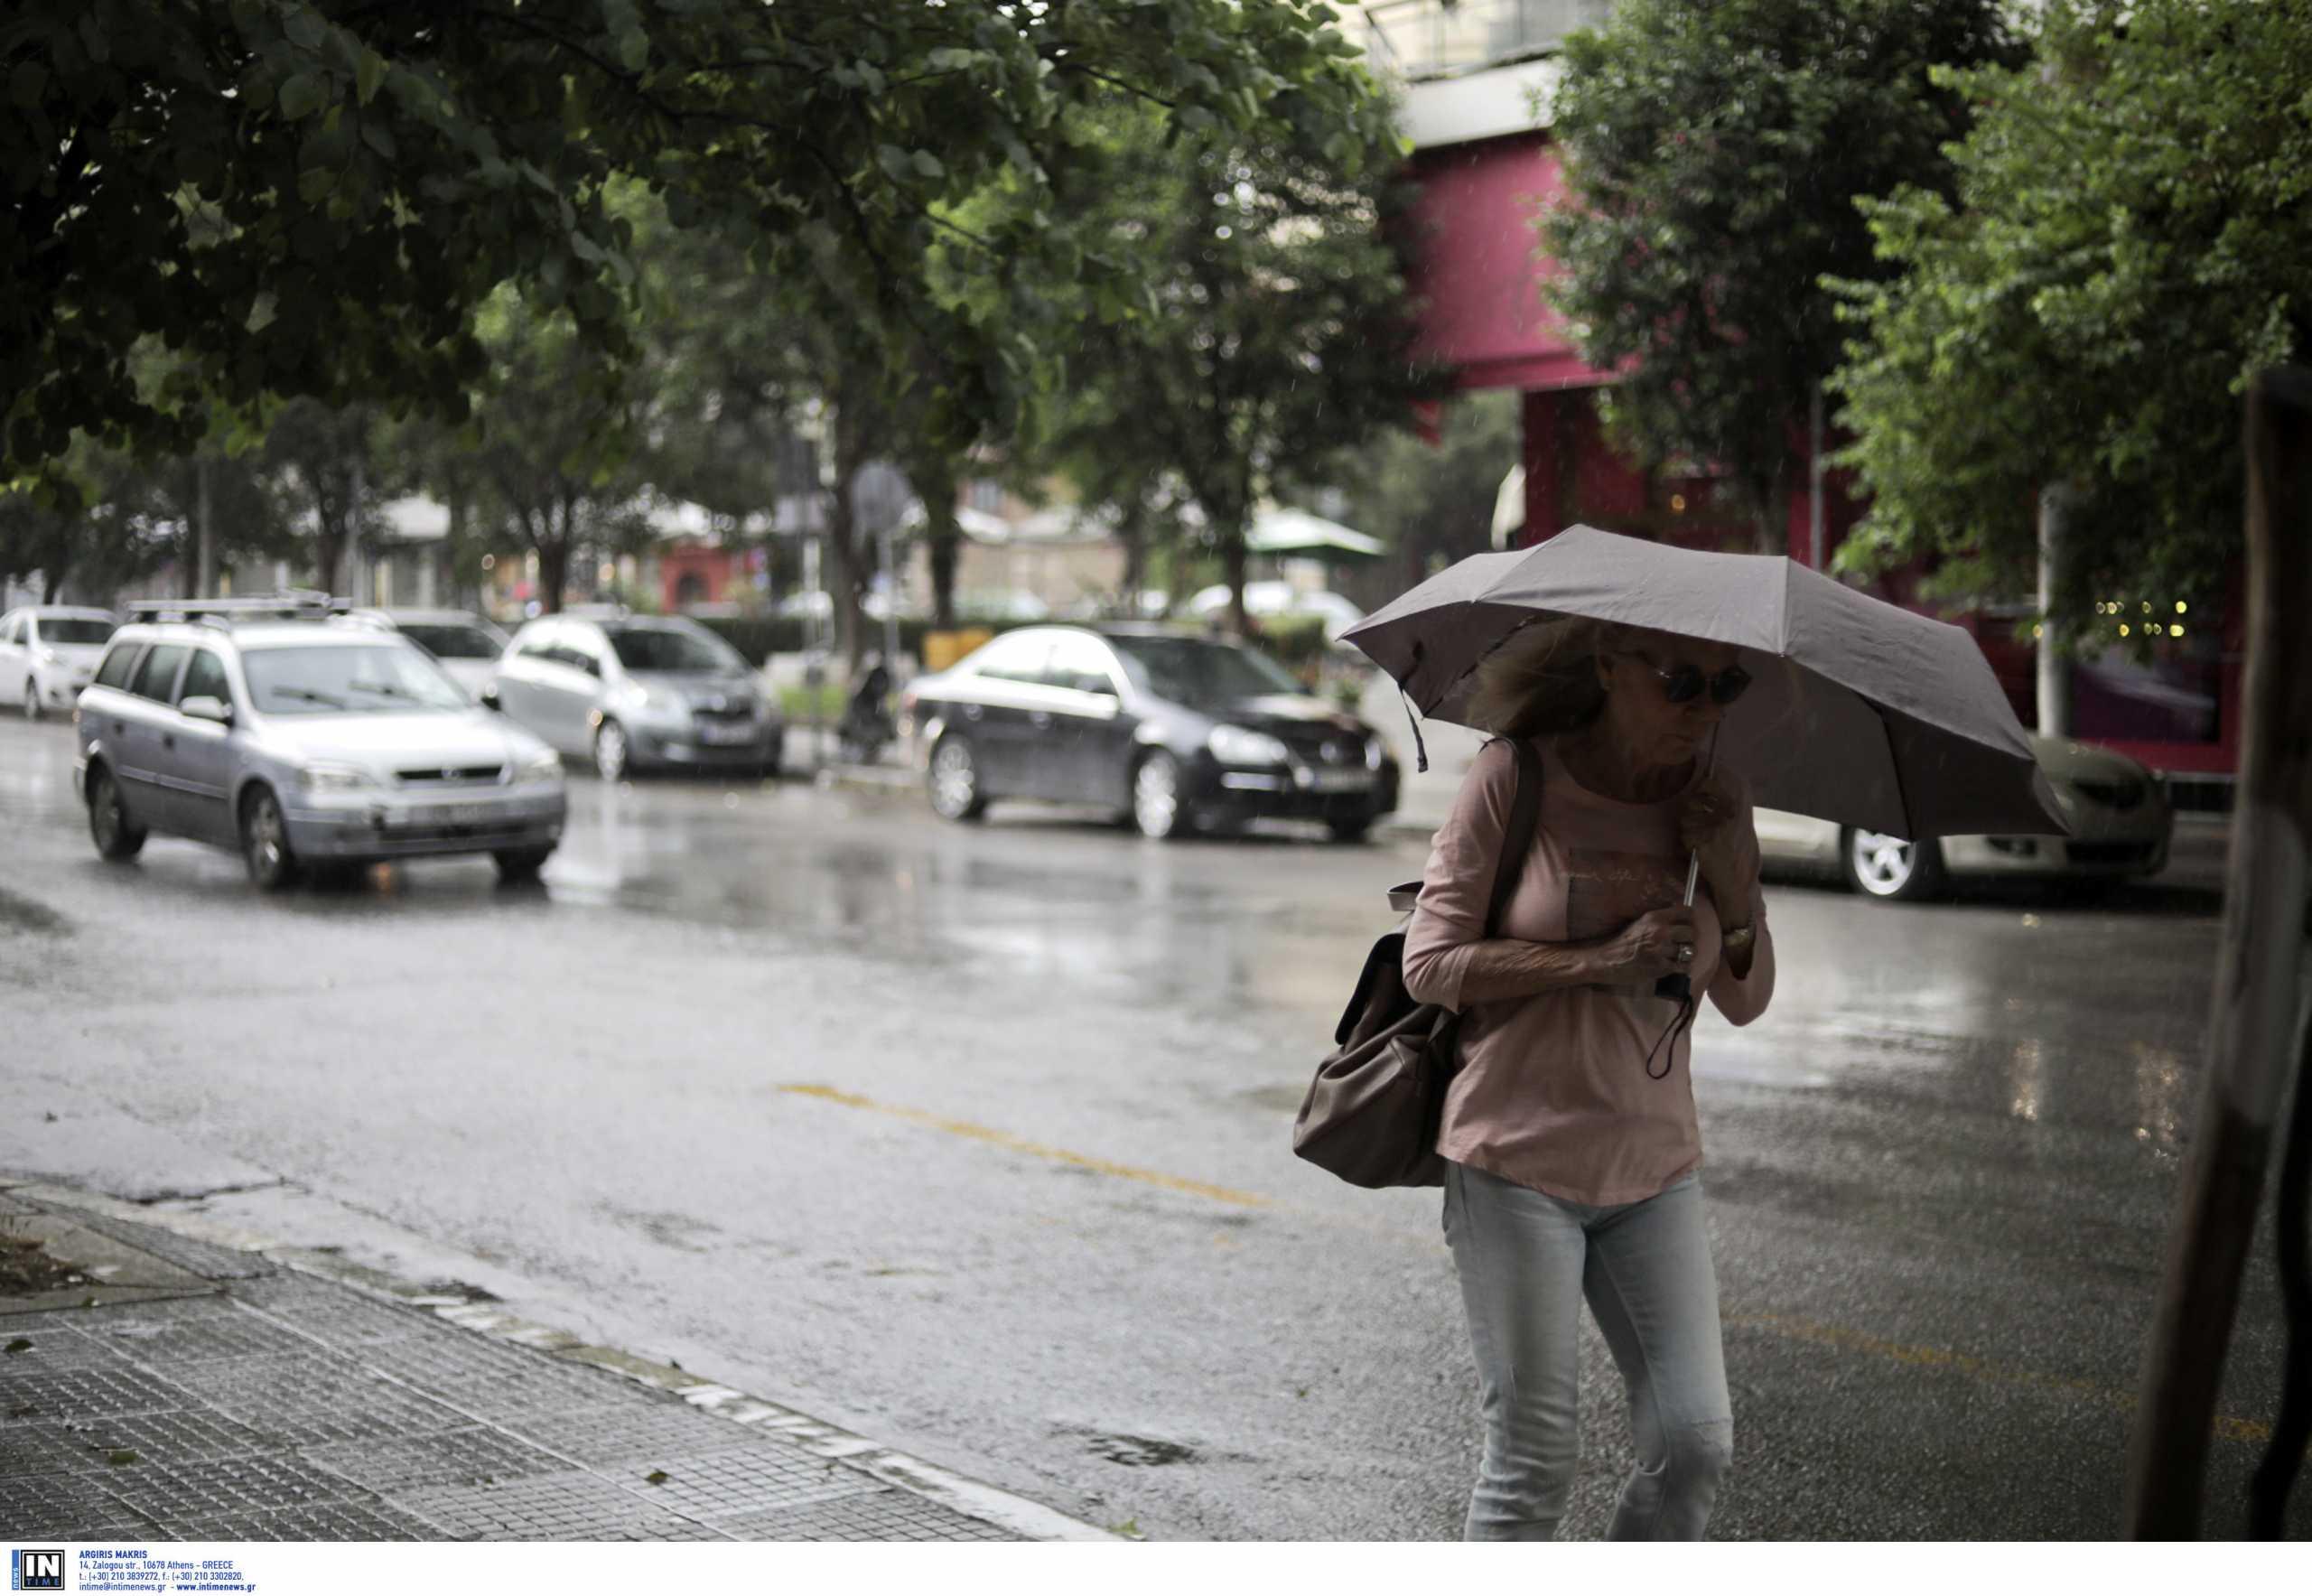 Καιρός σήμερα: Ισχυρές καταιγίδες και πτώση της θερμοκρασίας